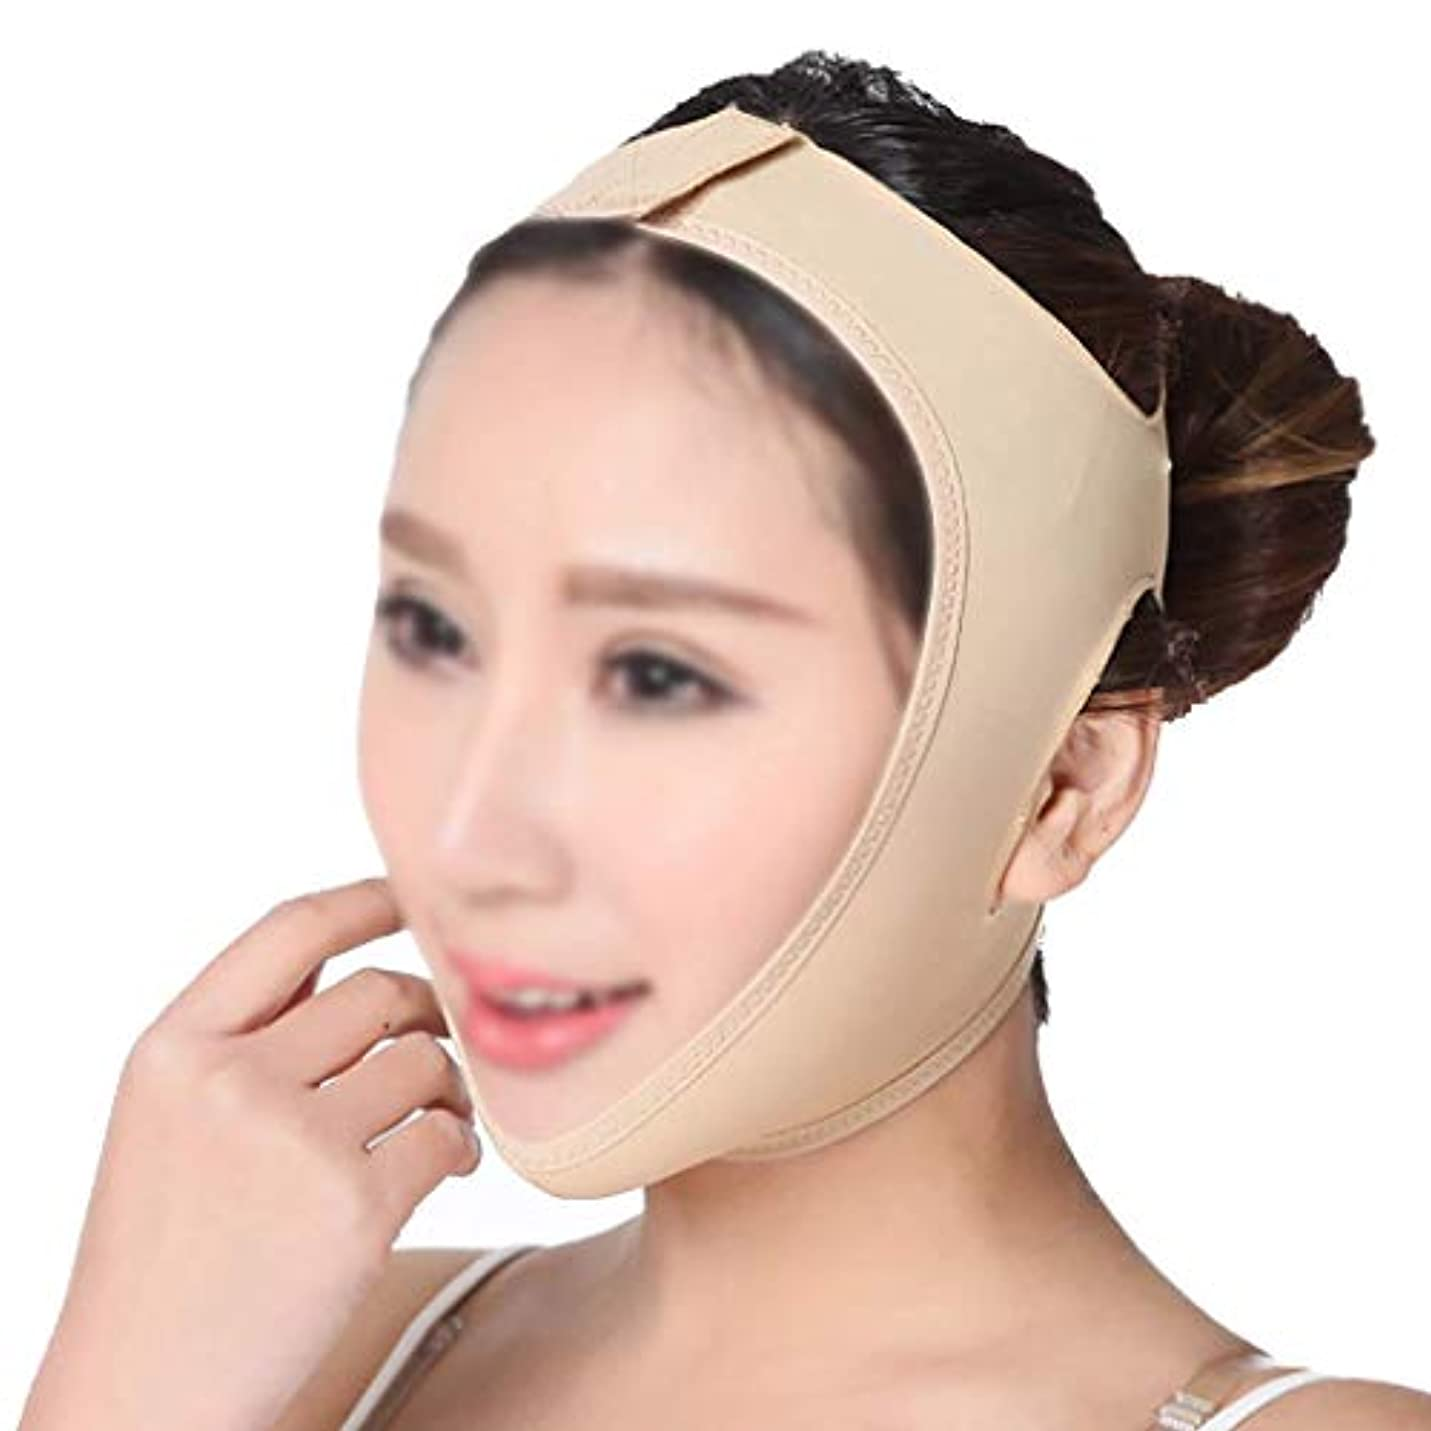 魅力的であることへのアピール怖がって死ぬ情熱フェイスリフティングマスク、リフティングチン、フェイシャルスキン、頬垂れ防止、快適で 生地、詰まることを拒否、着用が簡単(サイズ:M),ザ?